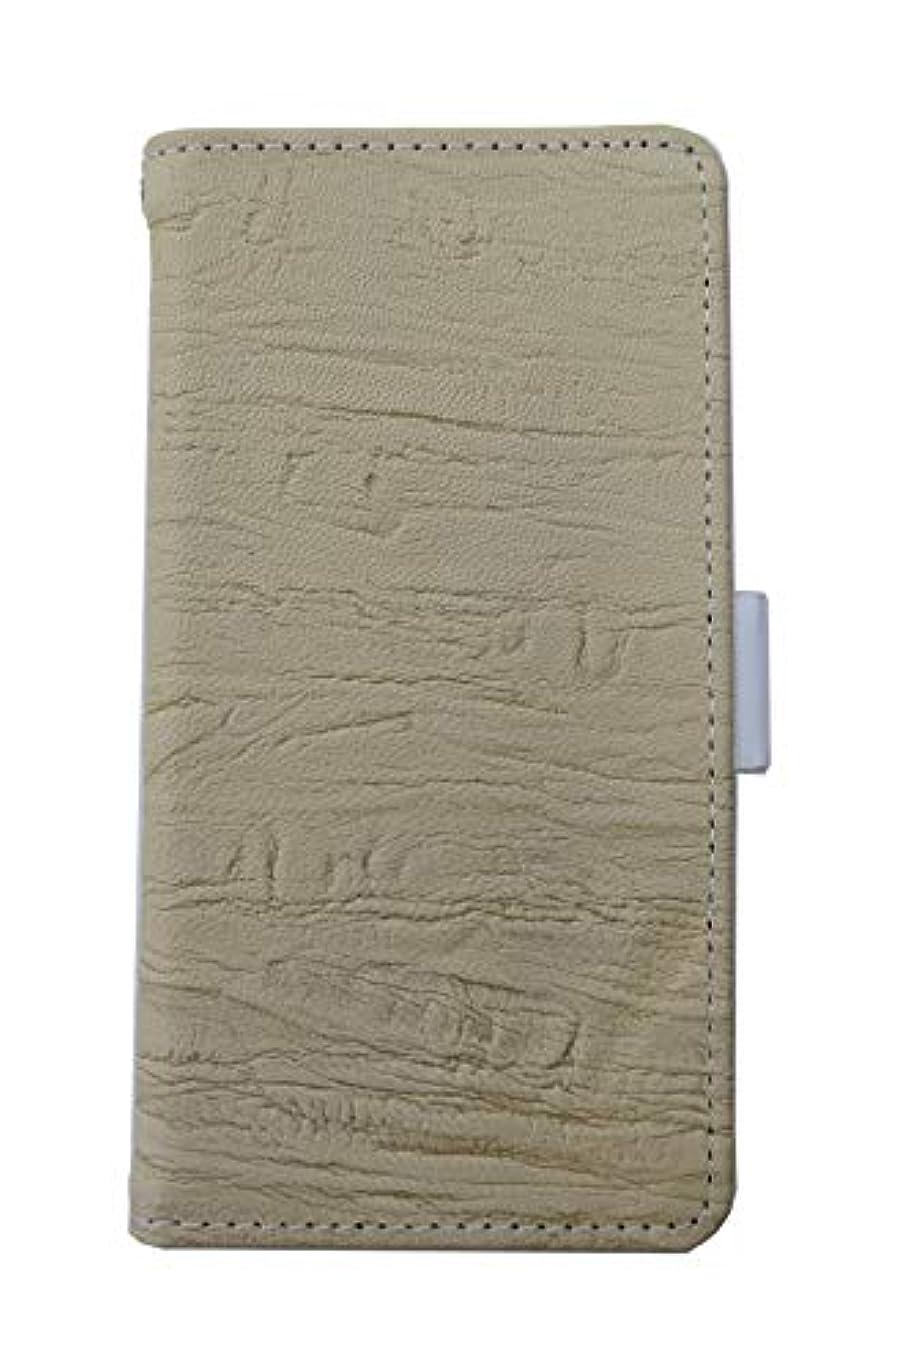 ルアー未使用我慢する楽々ショップ OPPO R11s SIMフリー 手帳型ケース 本革 レザー やわらかい羊革使用 手帳 ケース カバー 横開き 本革ストラップ付き カード収納 保護フィルム付き R11s-ZPCF-W396 ベージュ